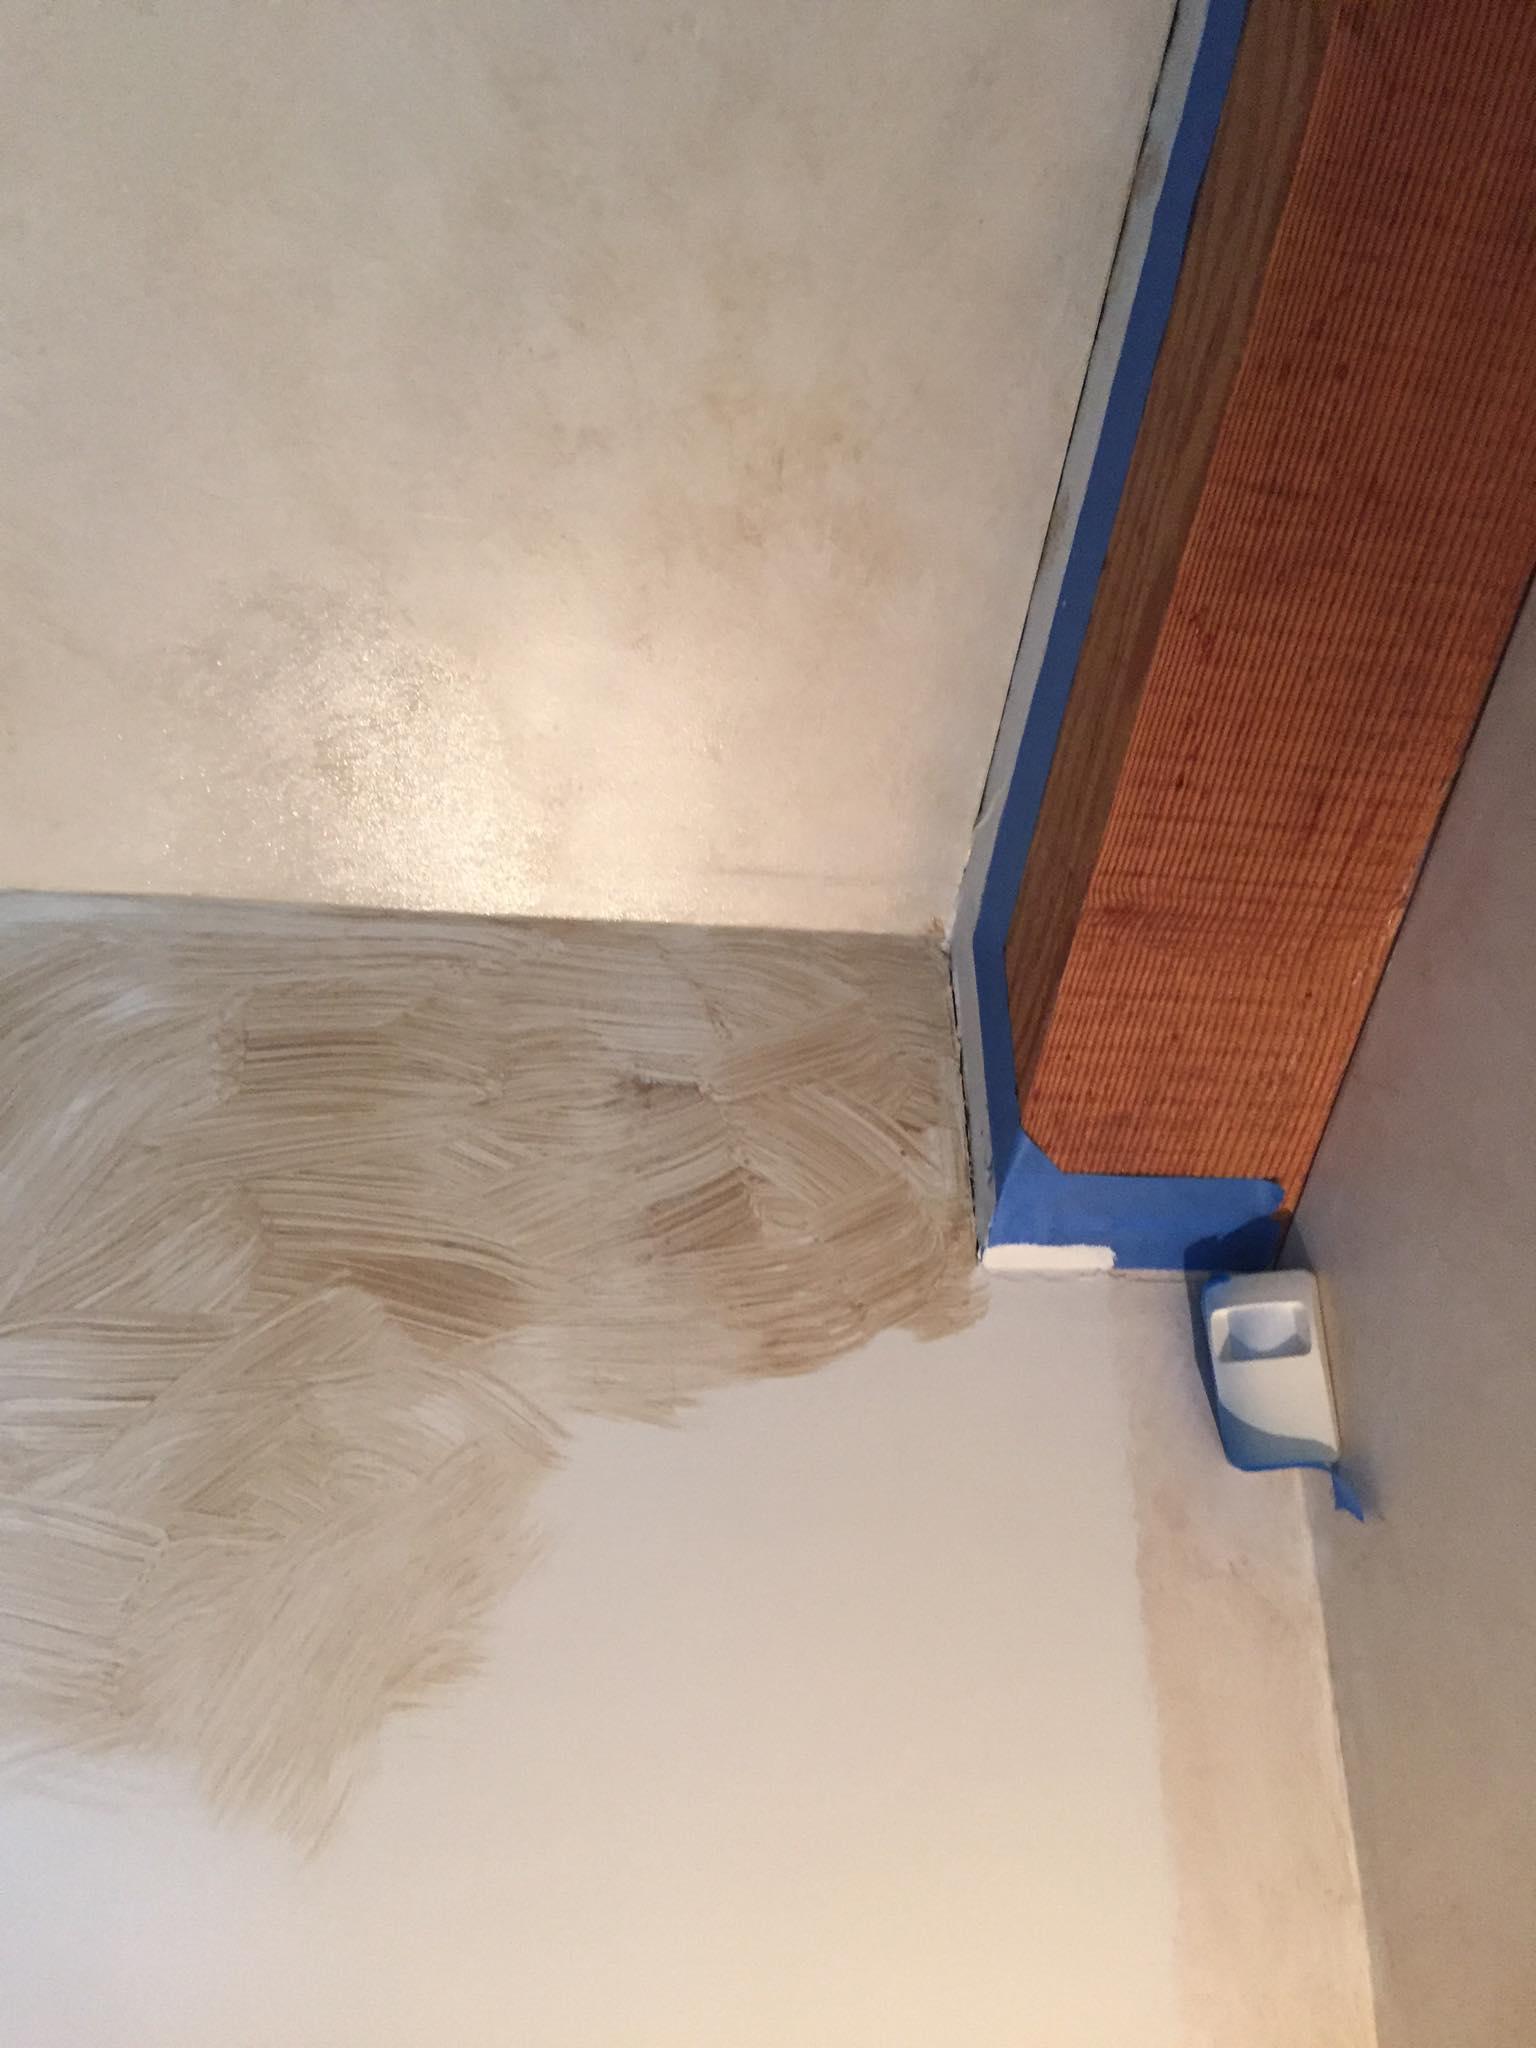 painting contractor Darien, CT